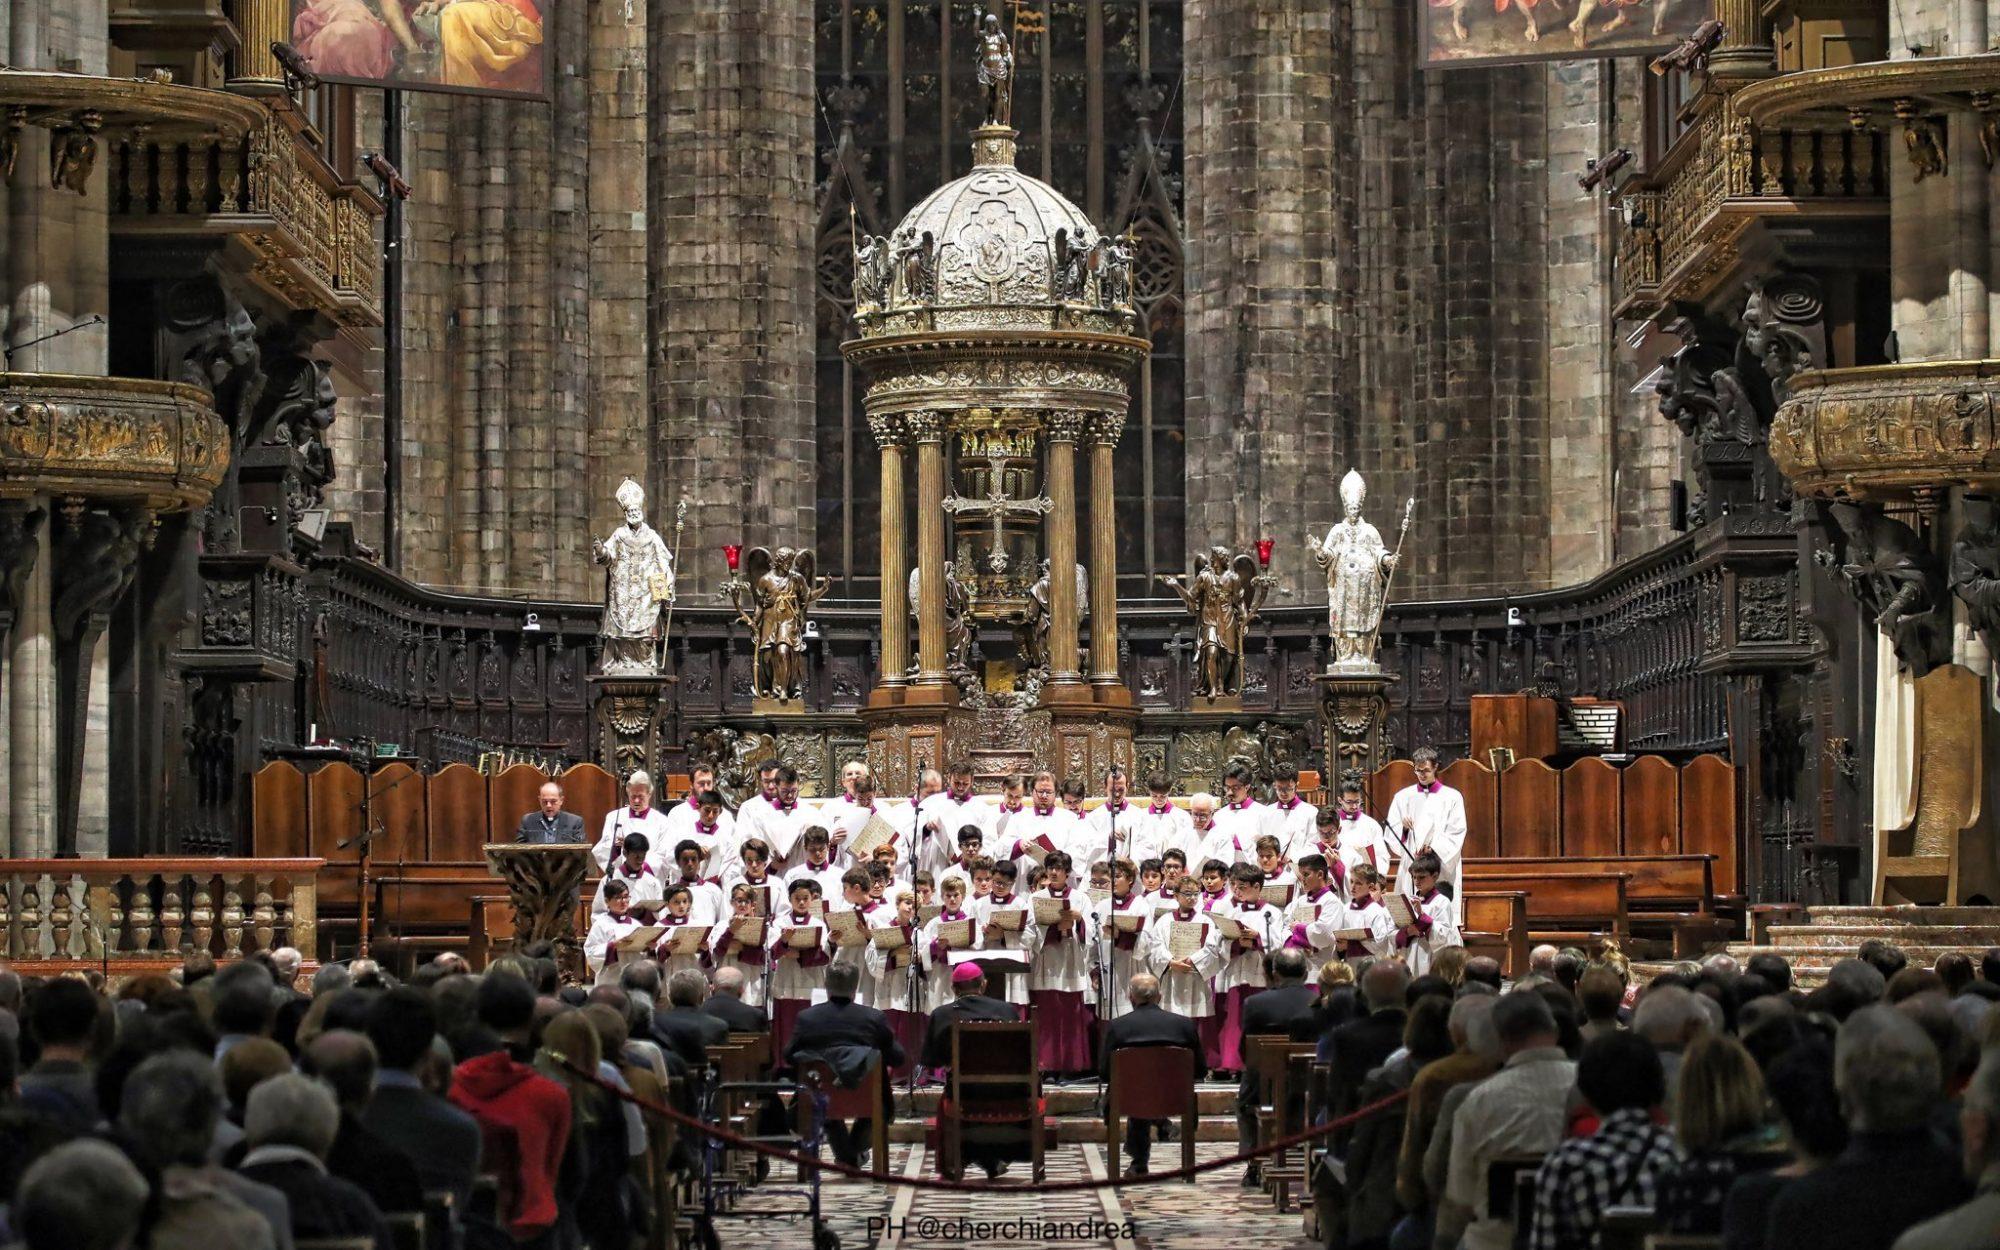 Cappella Musicale del Duomo di Milano